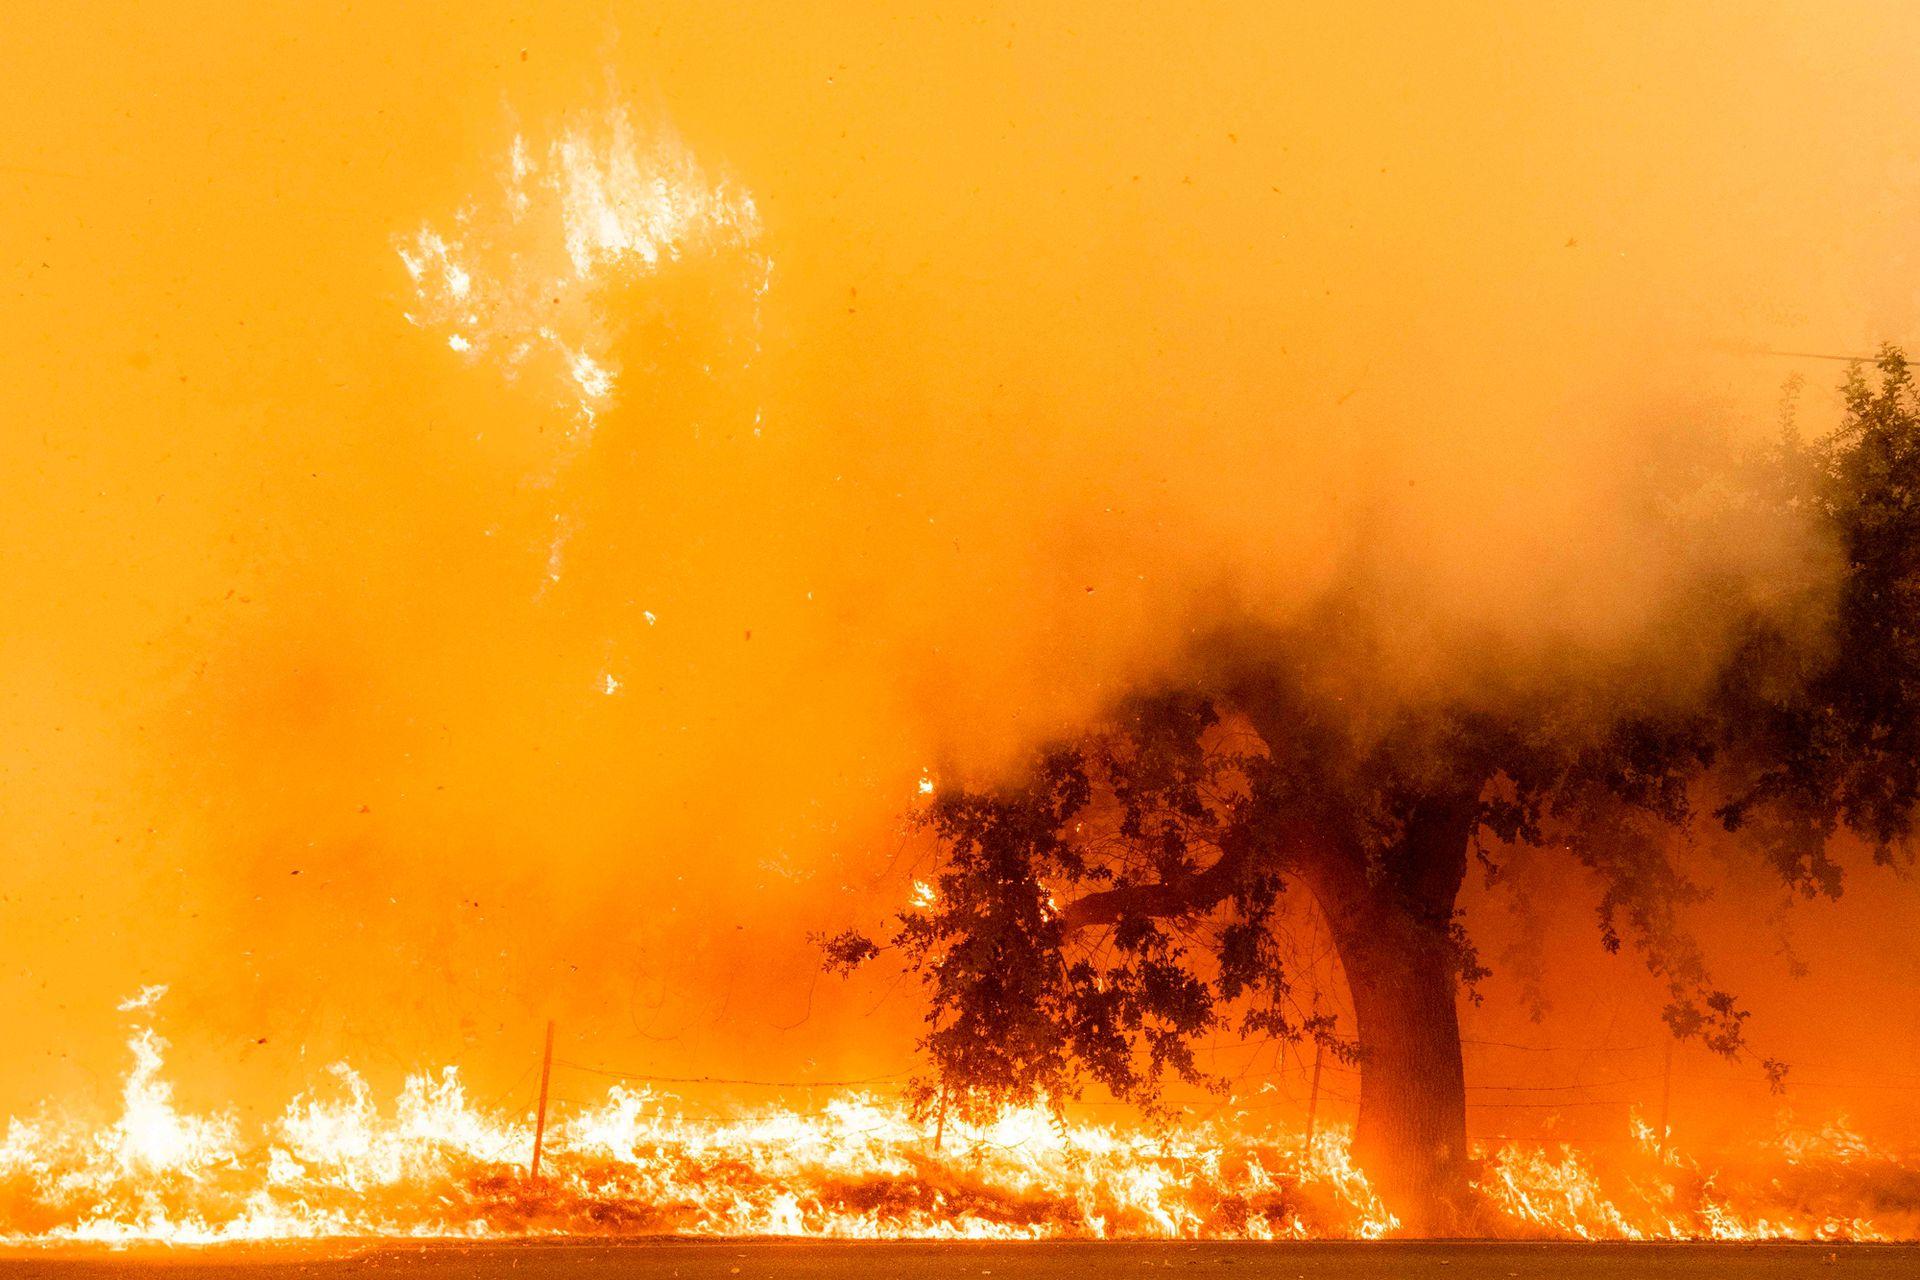 Se agrava la situación por los Miles de hectáreas han sido devoradas por el fuego en California